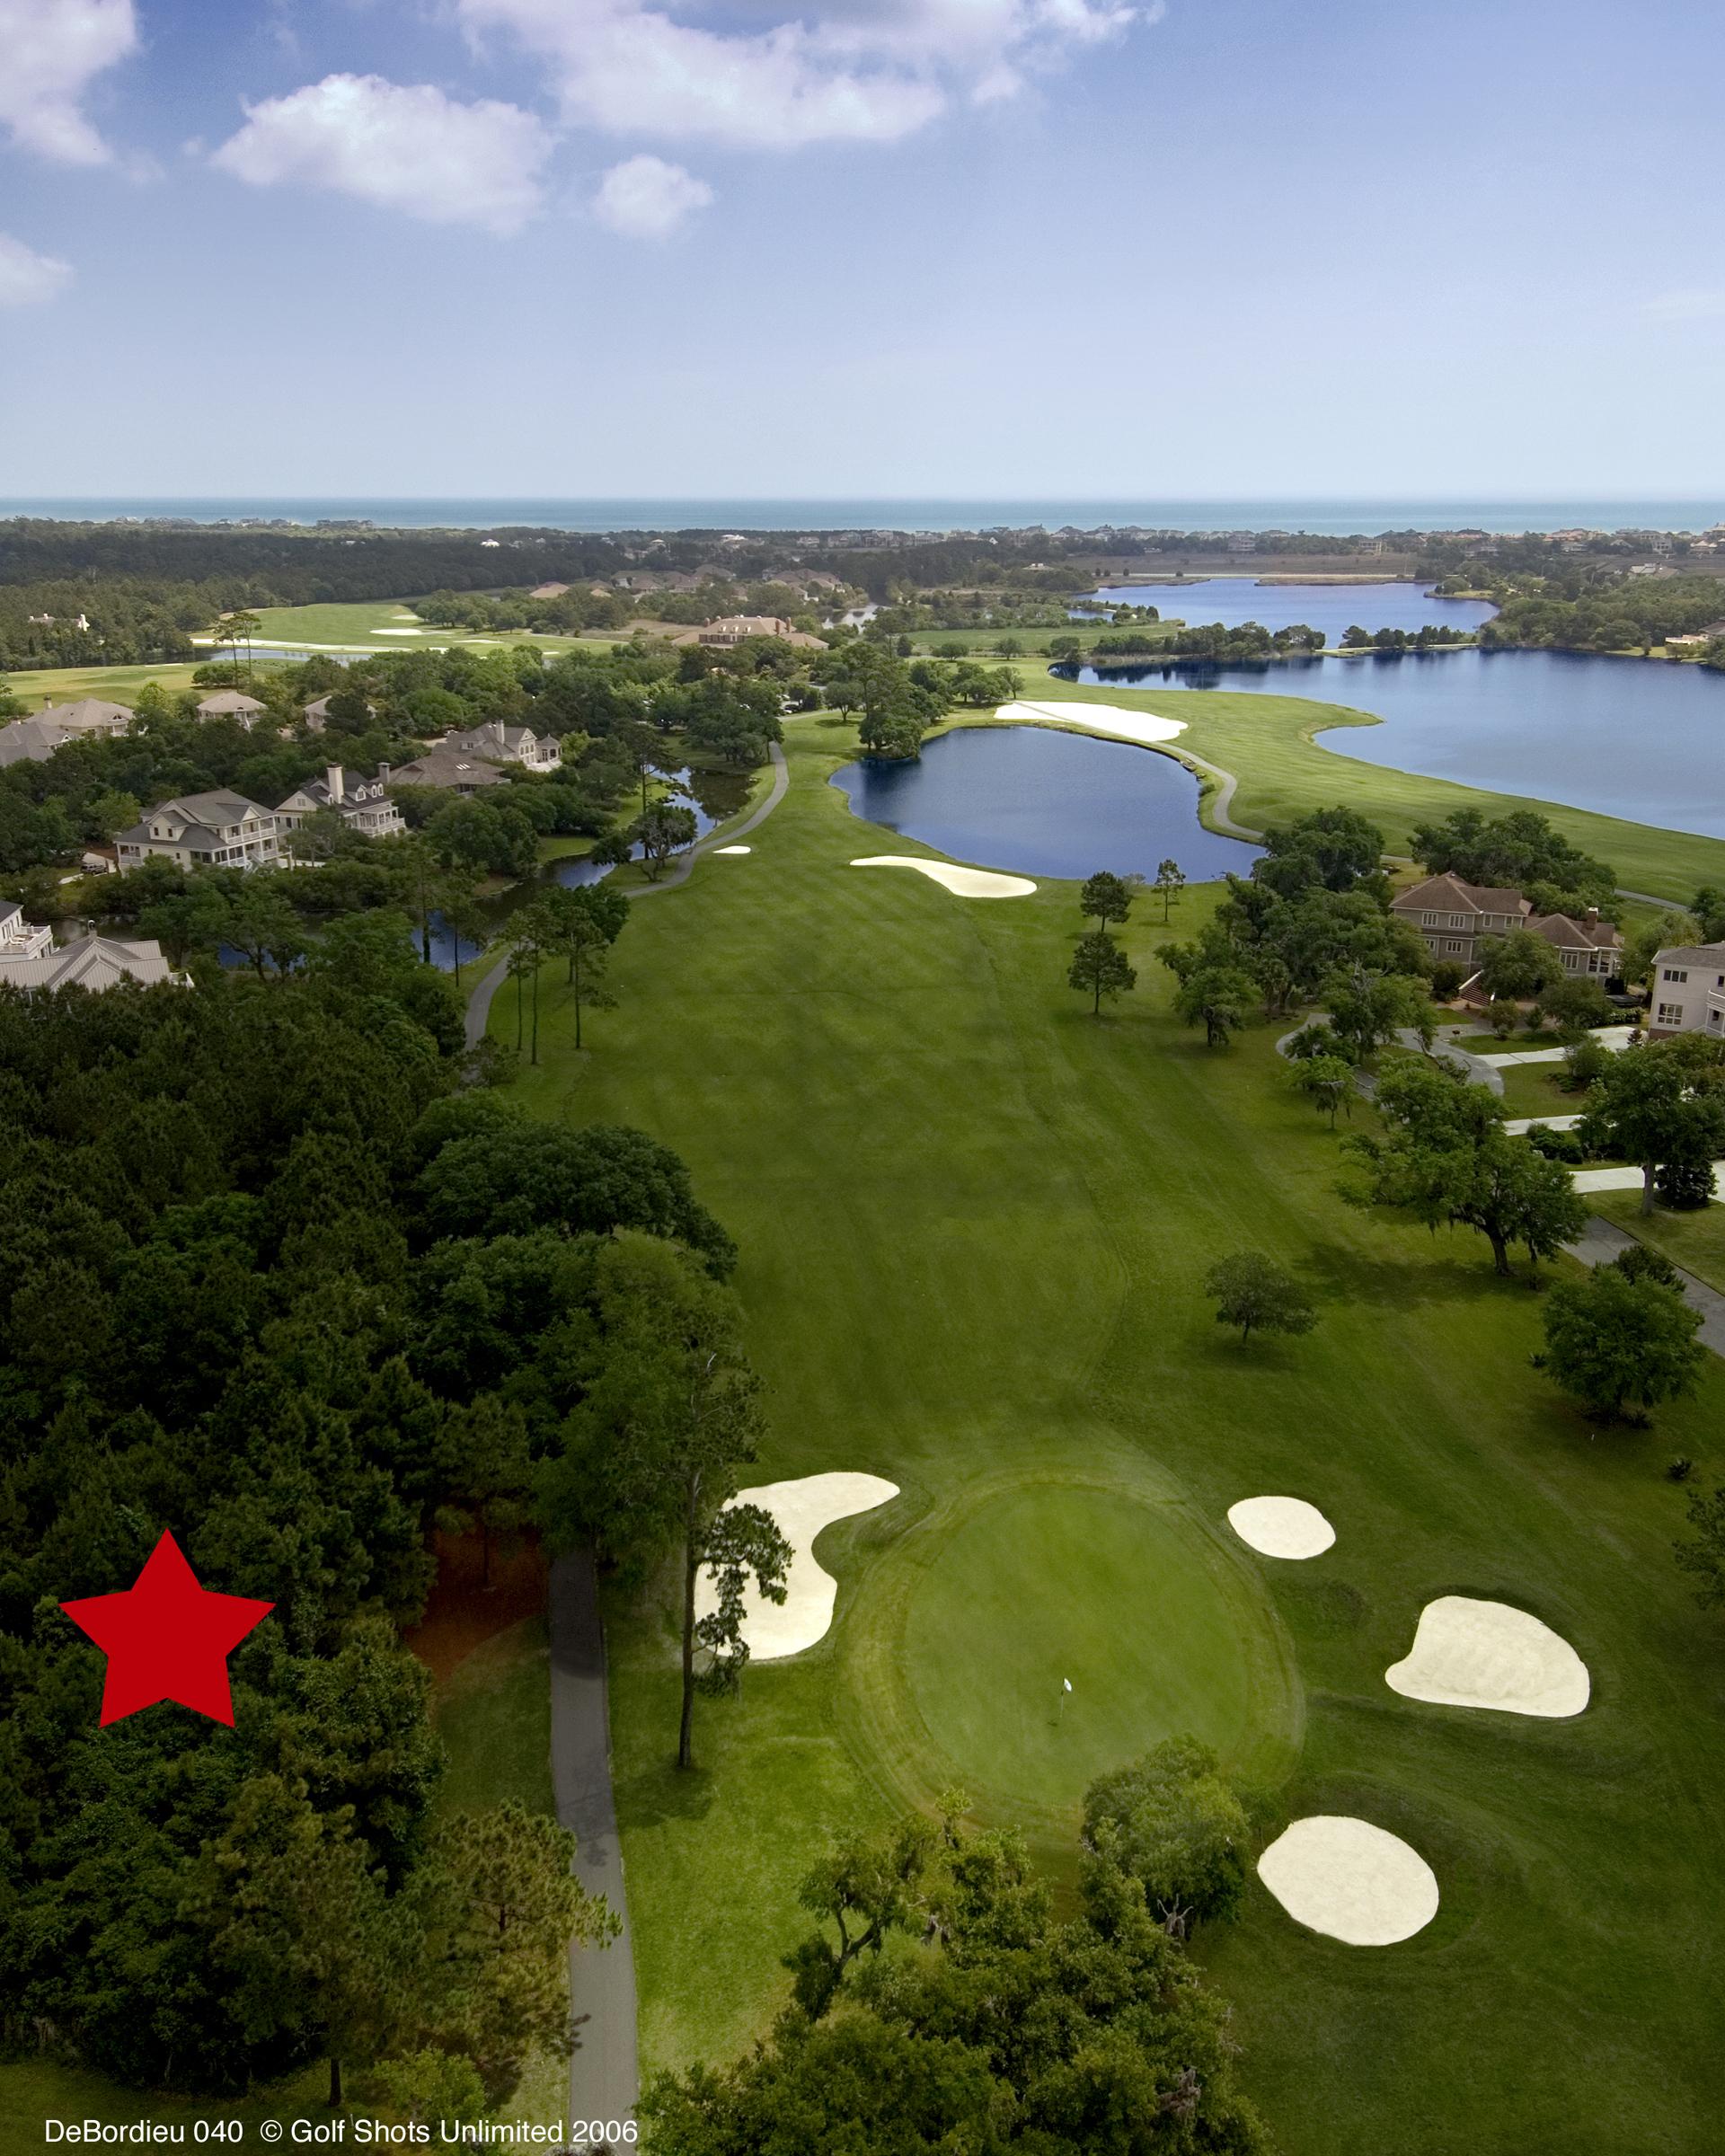 Summer Golf Events at DeBordieu Club